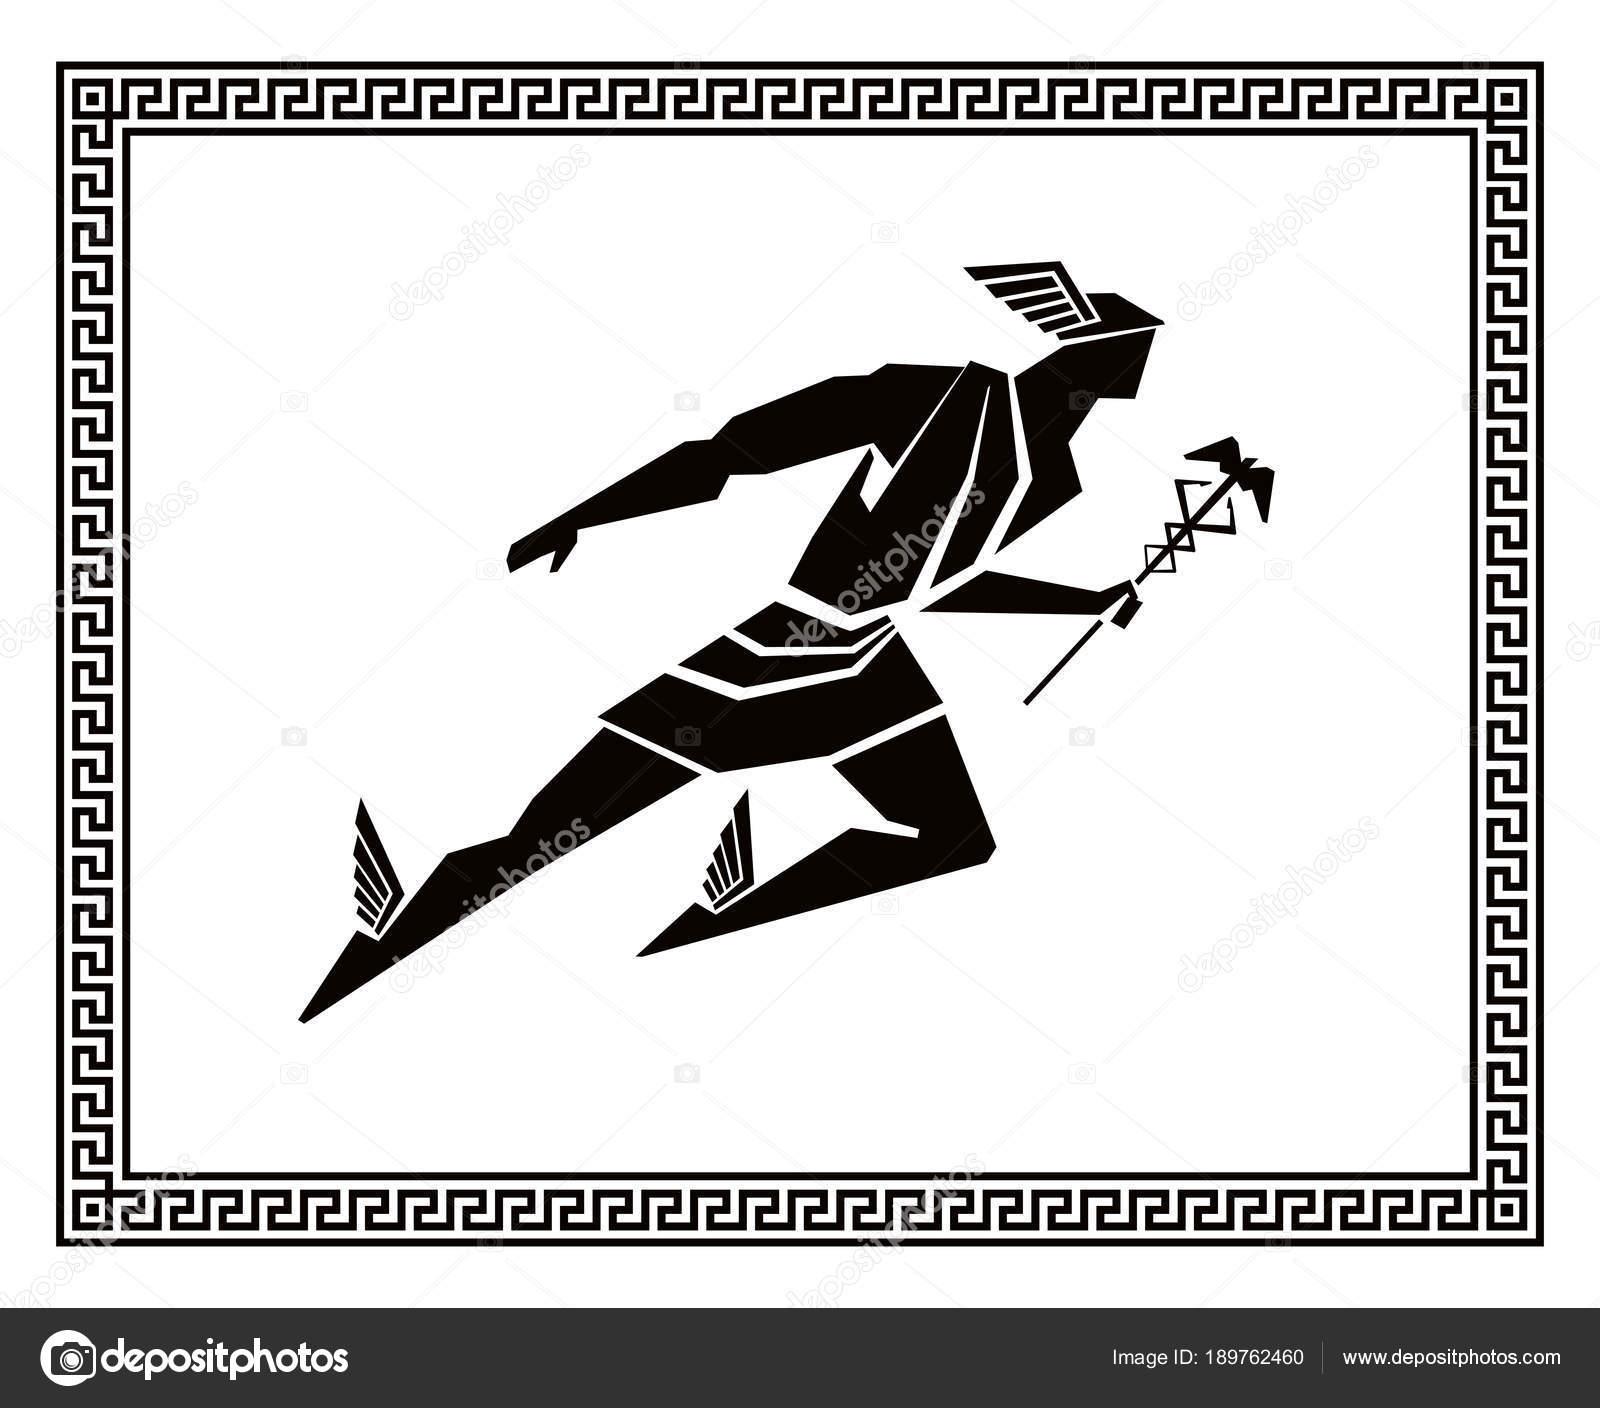 Vuelo Hermes Marco Griego Dibujo Vectorial — Archivo Imágenes ...